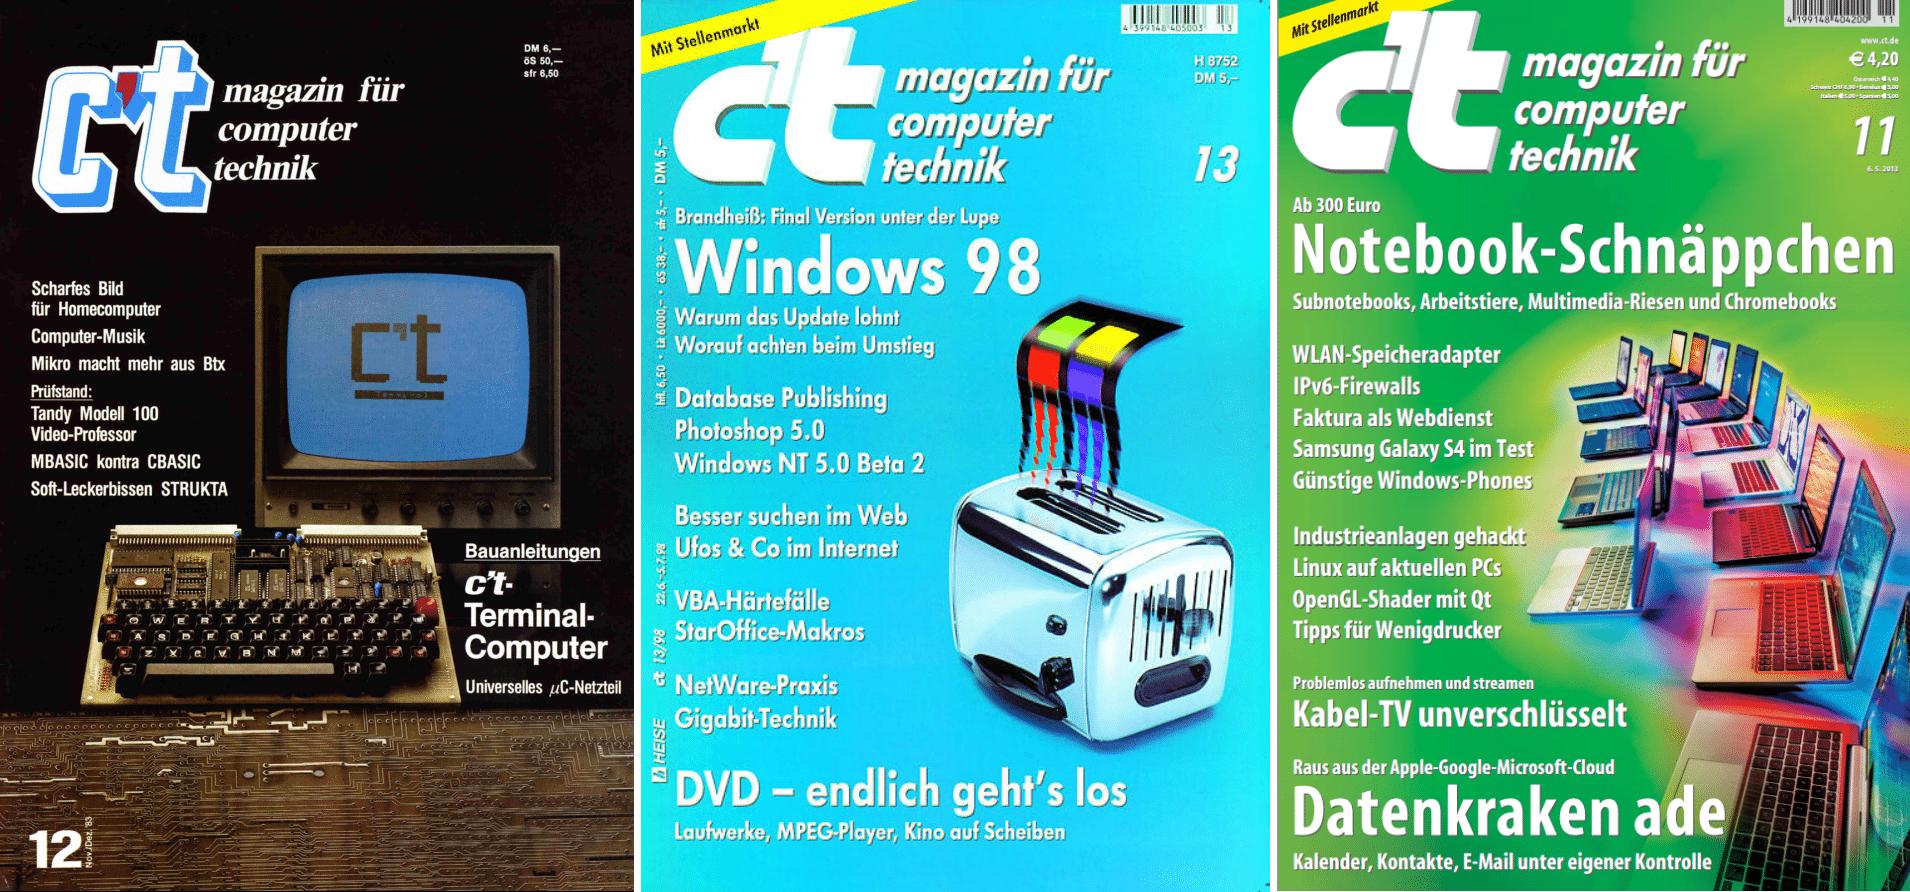 c't-Cover aus den Jahren 1983, 1998 und 2013.